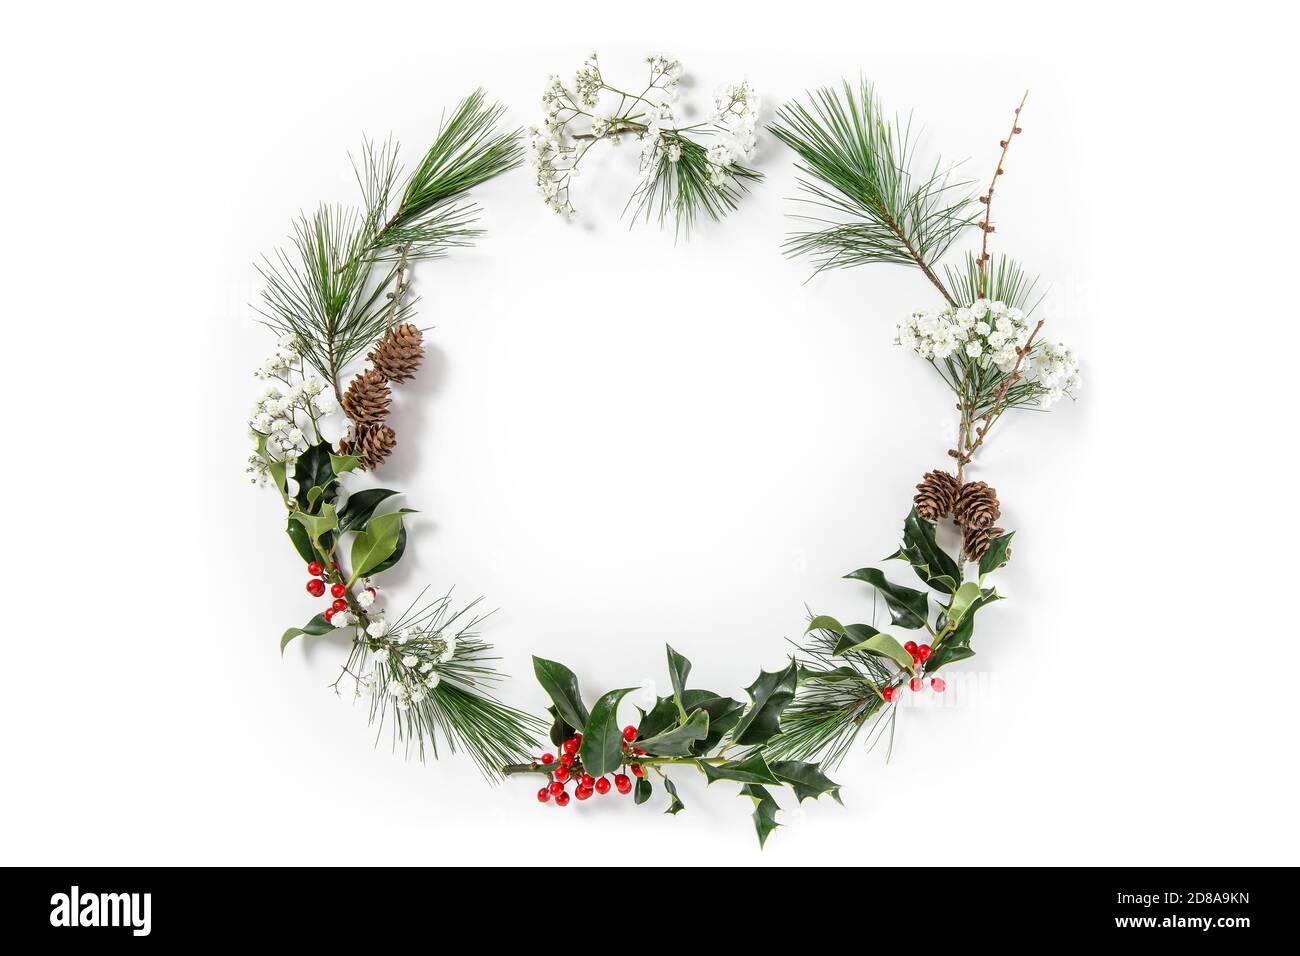 Décoration de couronne de Noël sur fond blanc. Photo stylisée Banque D'Images